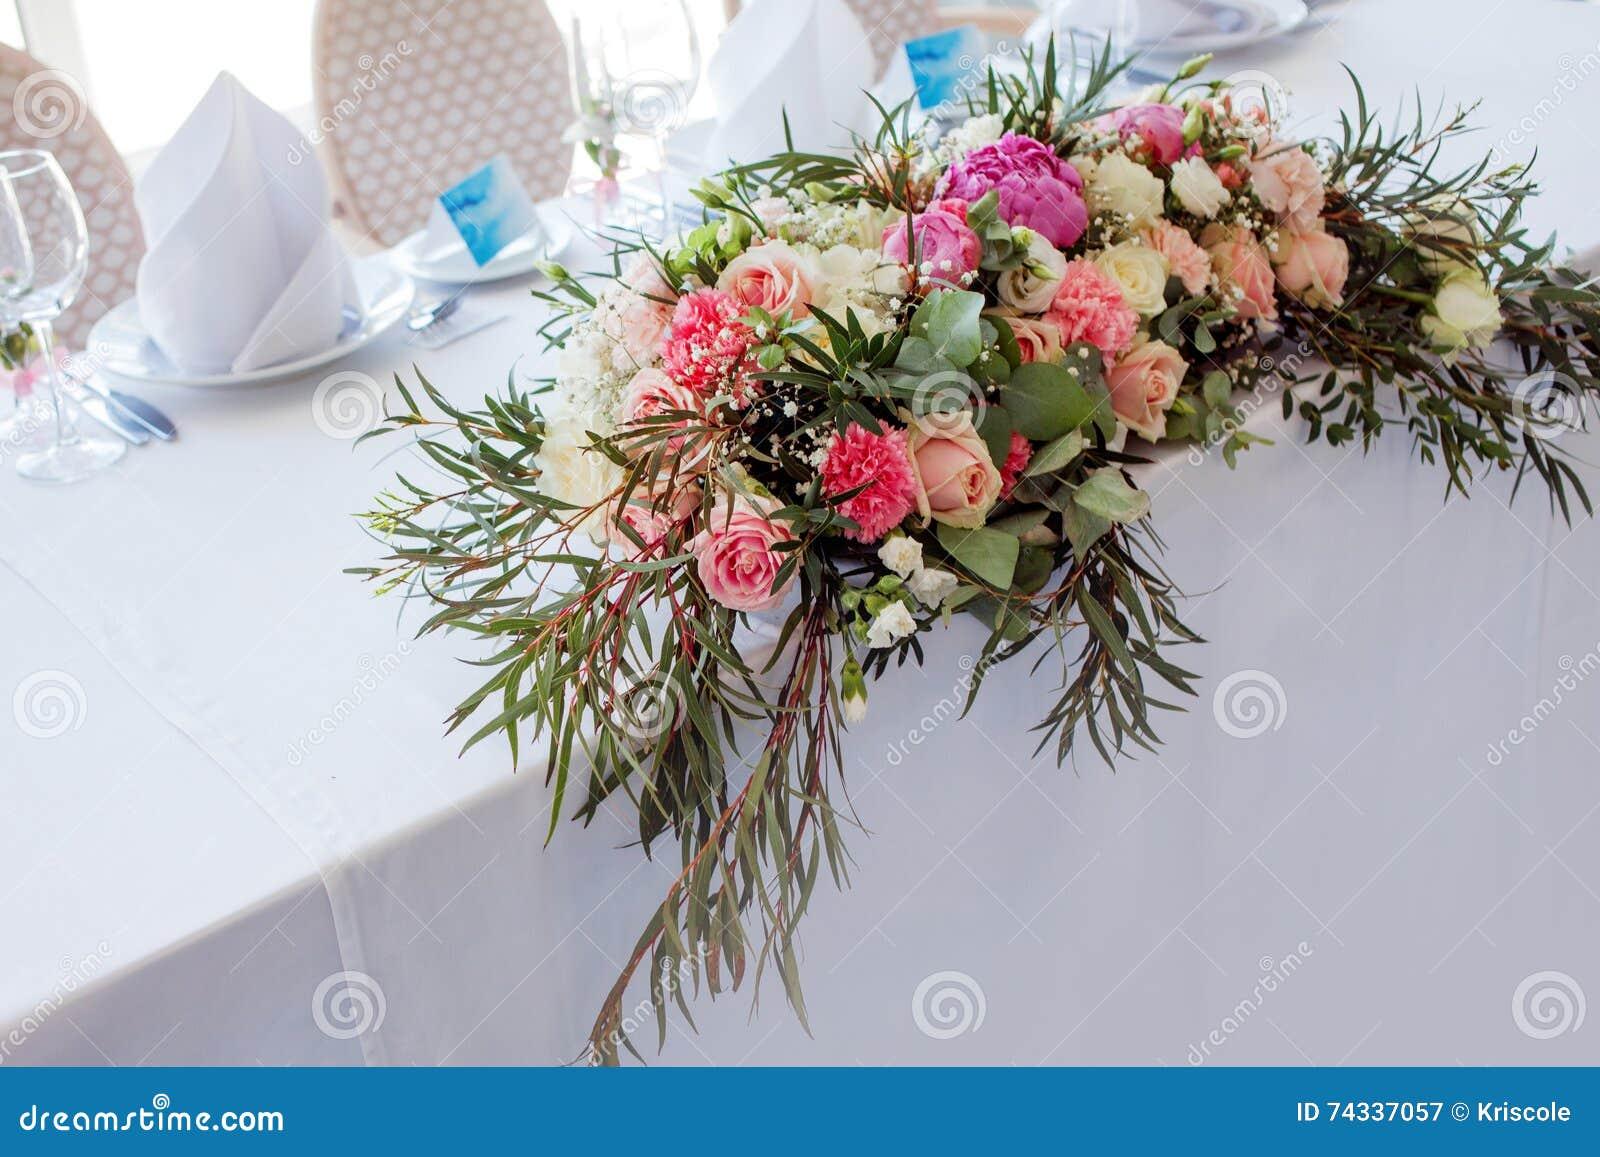 La Composition Florale : Composition florale sur la table fleurs et nappe blanche